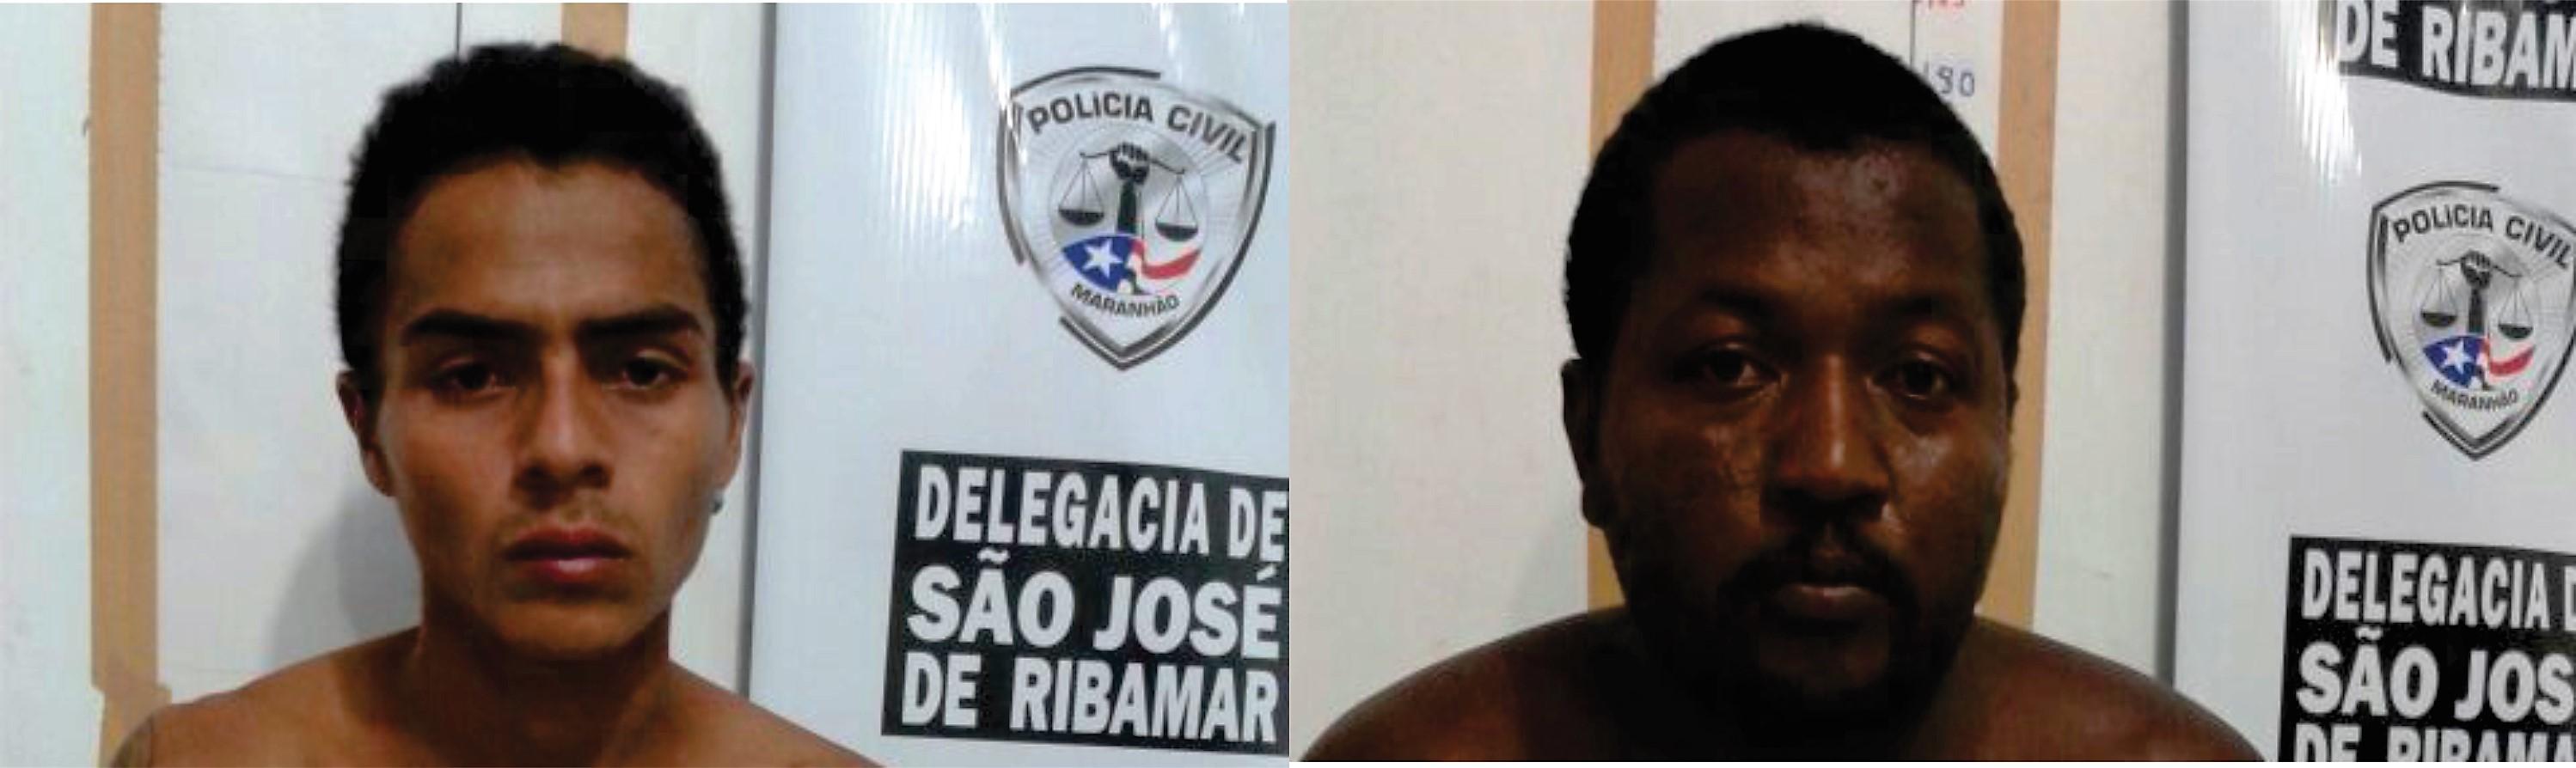 Polícia Civil prende assaltantes no município de São José de Ribamar